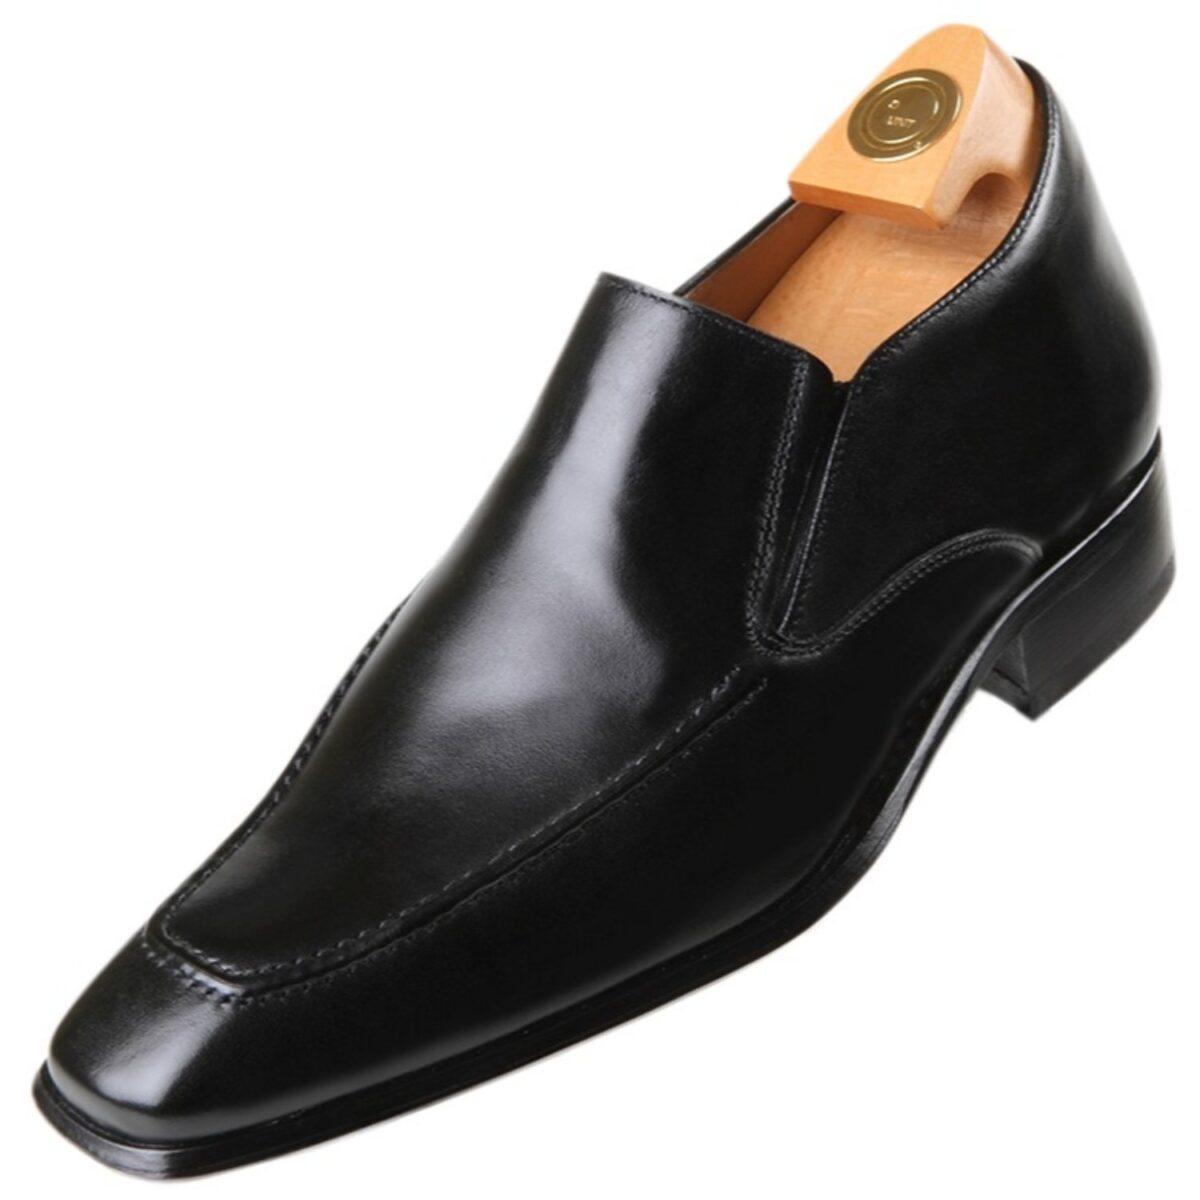 Zapatos con Alzas modelo 8421 Nc - HiPlus